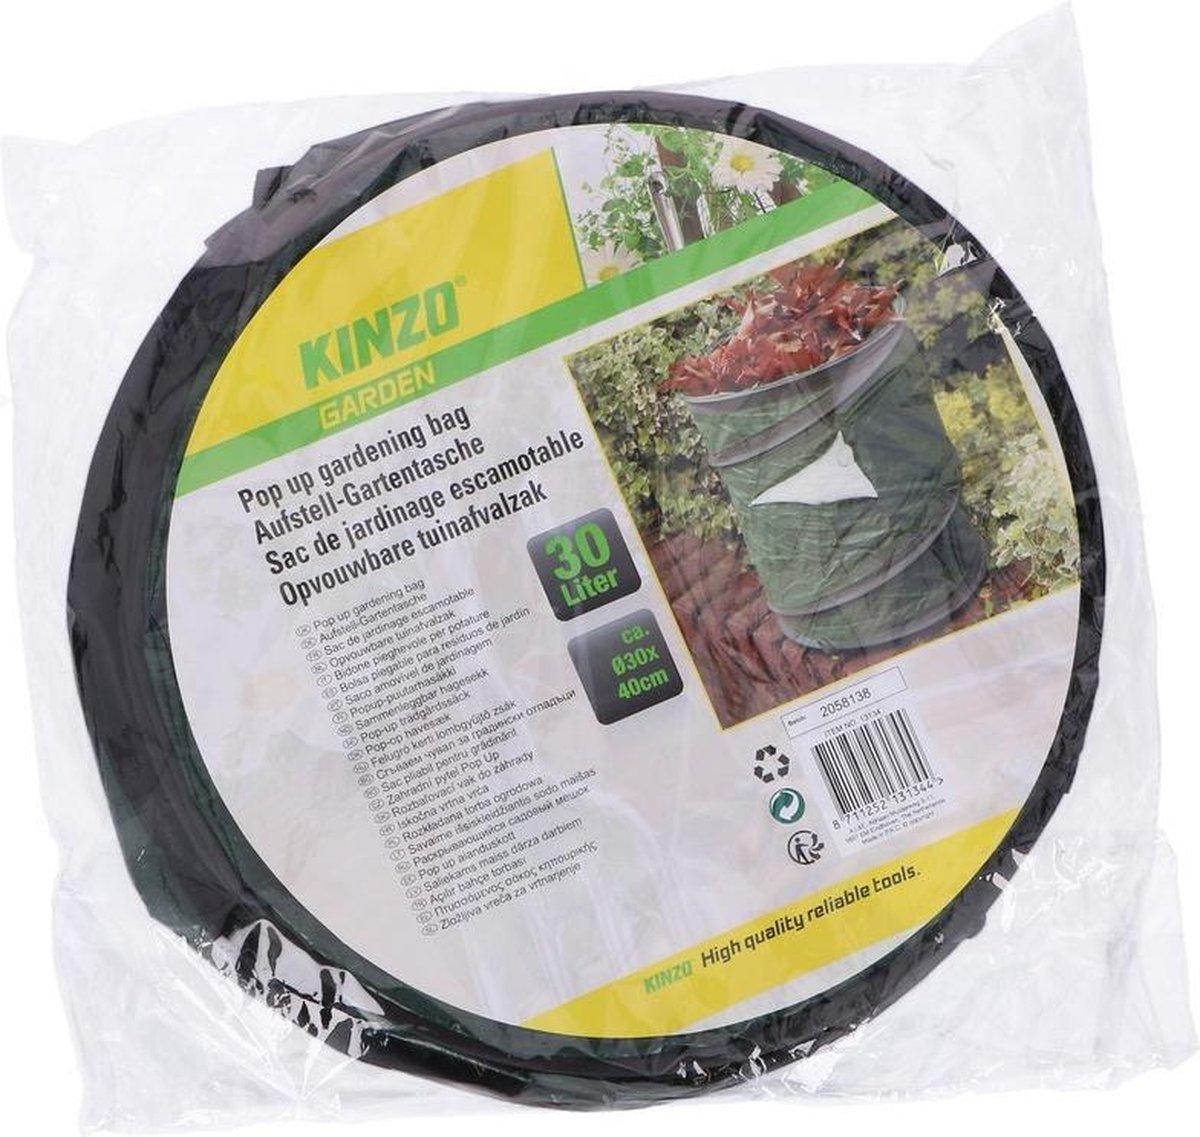 Pop-up tuinafval zak groen 30 liter - Tuinafvalzakken - Tuin schoonmaken/opruimen - Tuinonderhoud